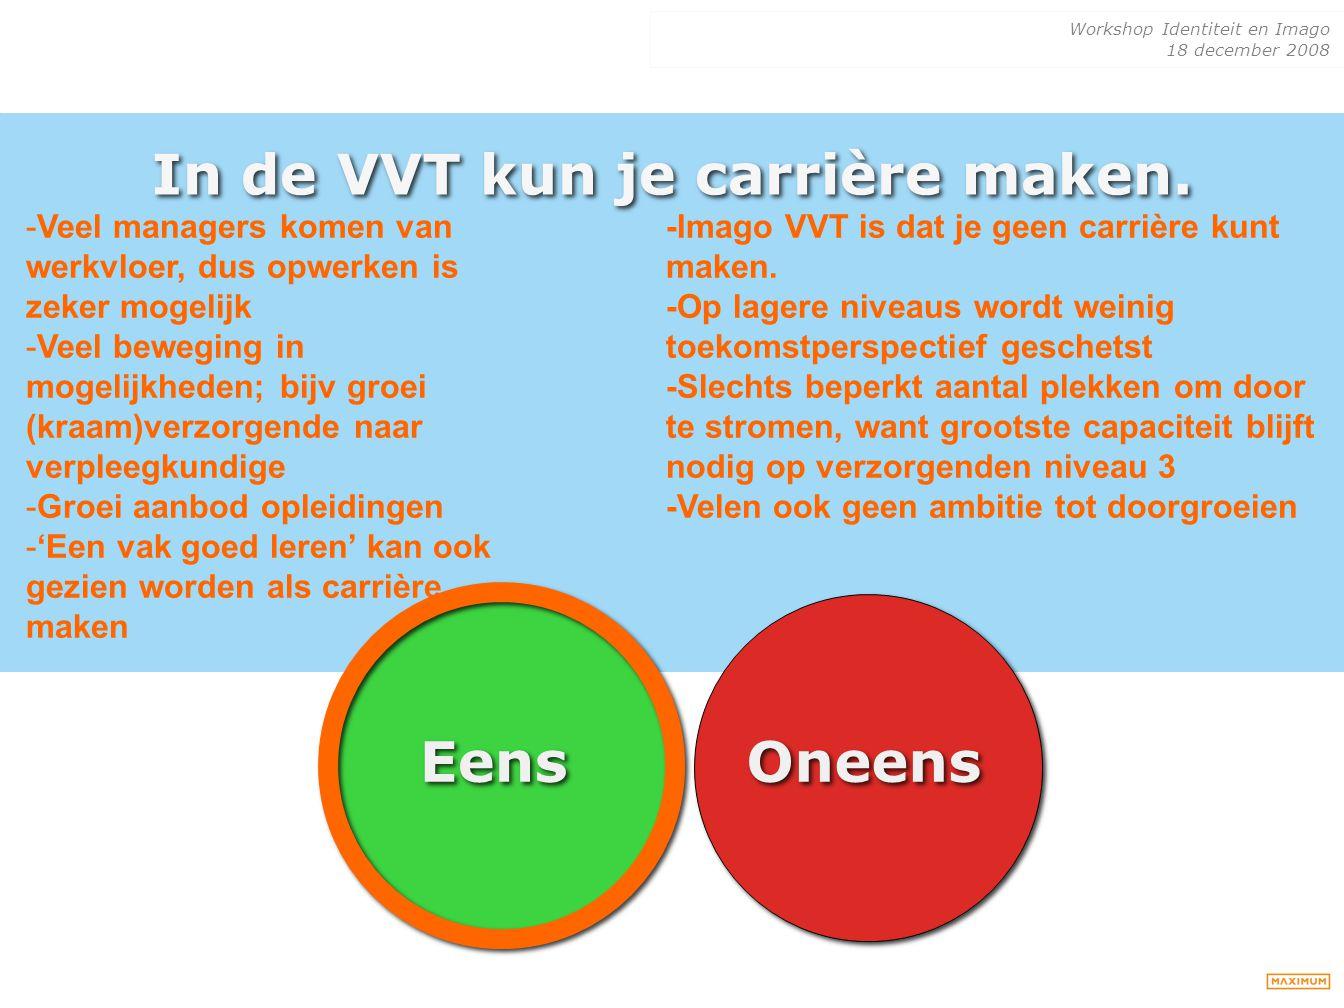 Workshop Identiteit en Imago 18 december 2008 In de VVT kun je carrière maken. Eens Oneens -Veel managers komen van werkvloer, dus opwerken is zeker m